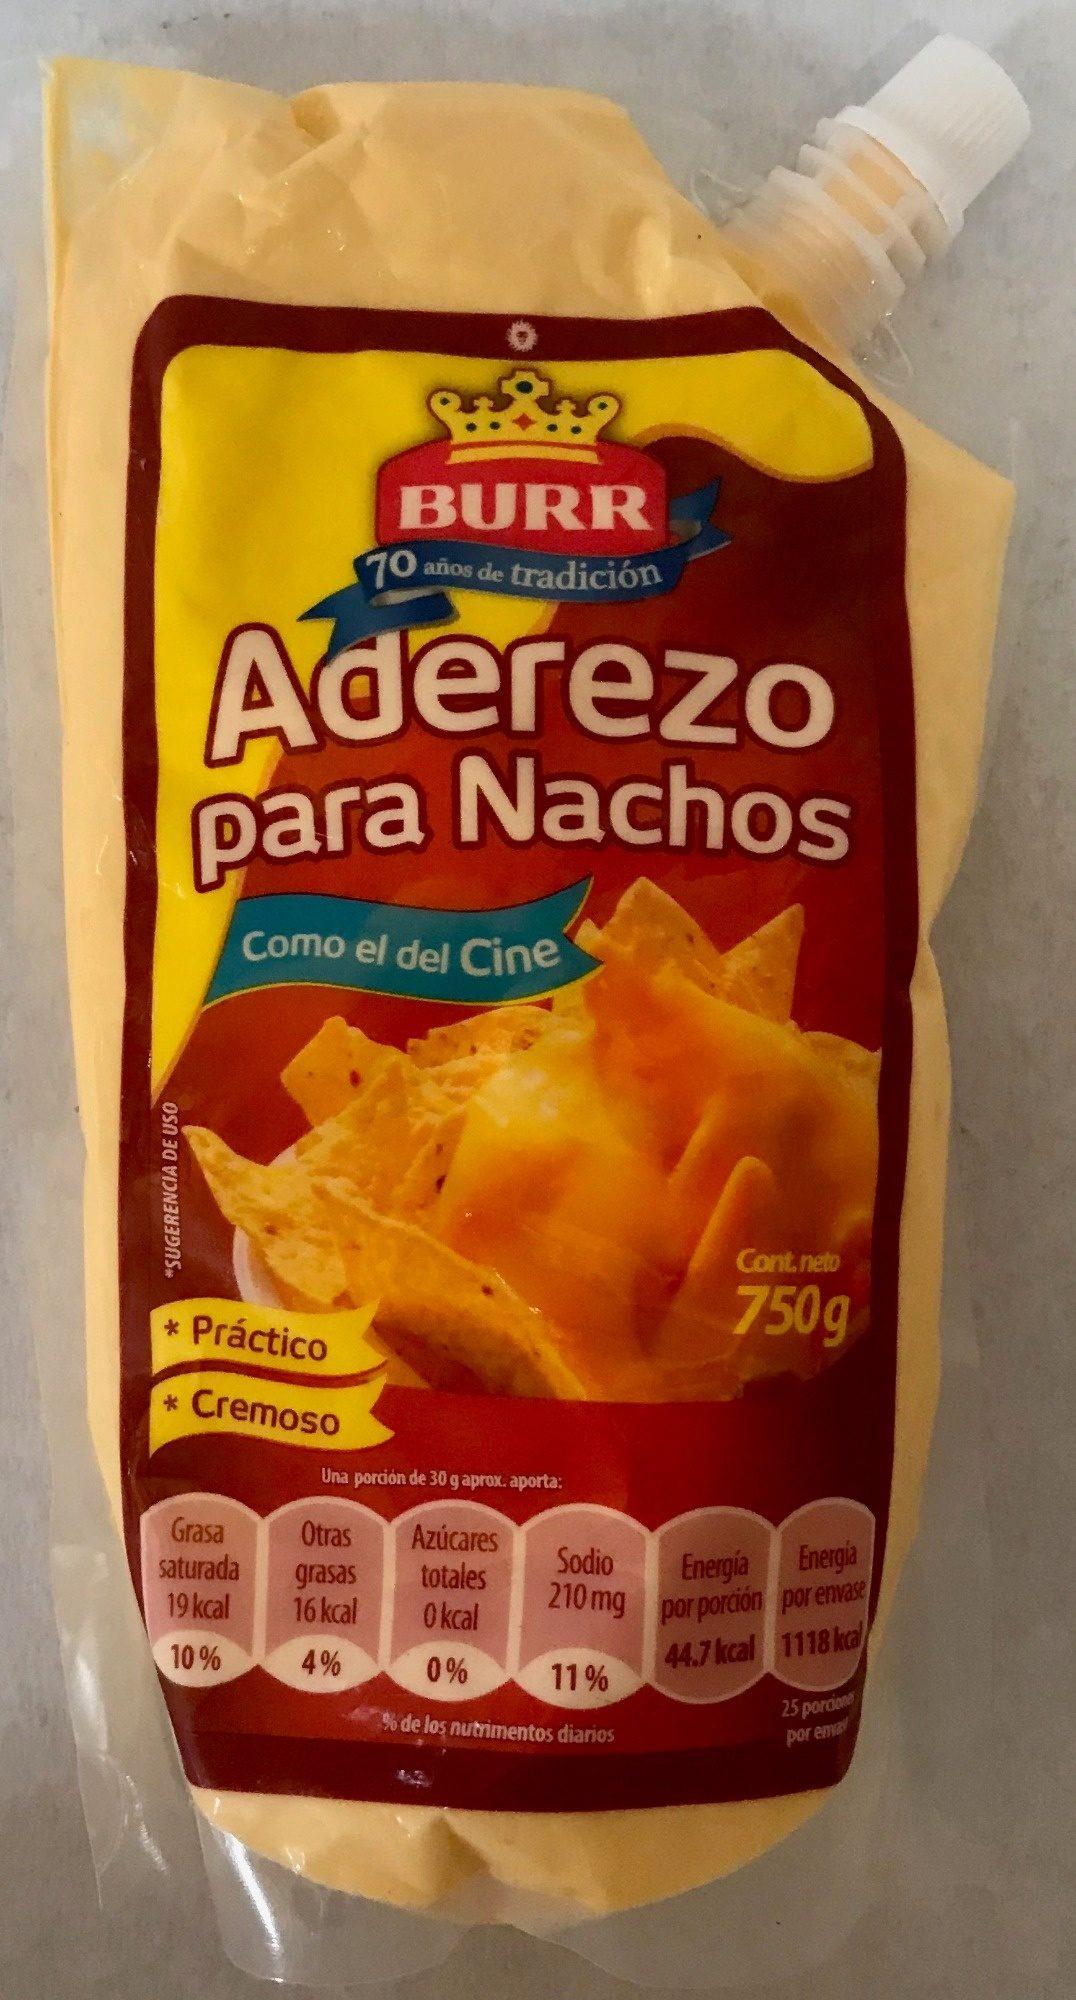 Aderezo para Nachos BURR - Product - es